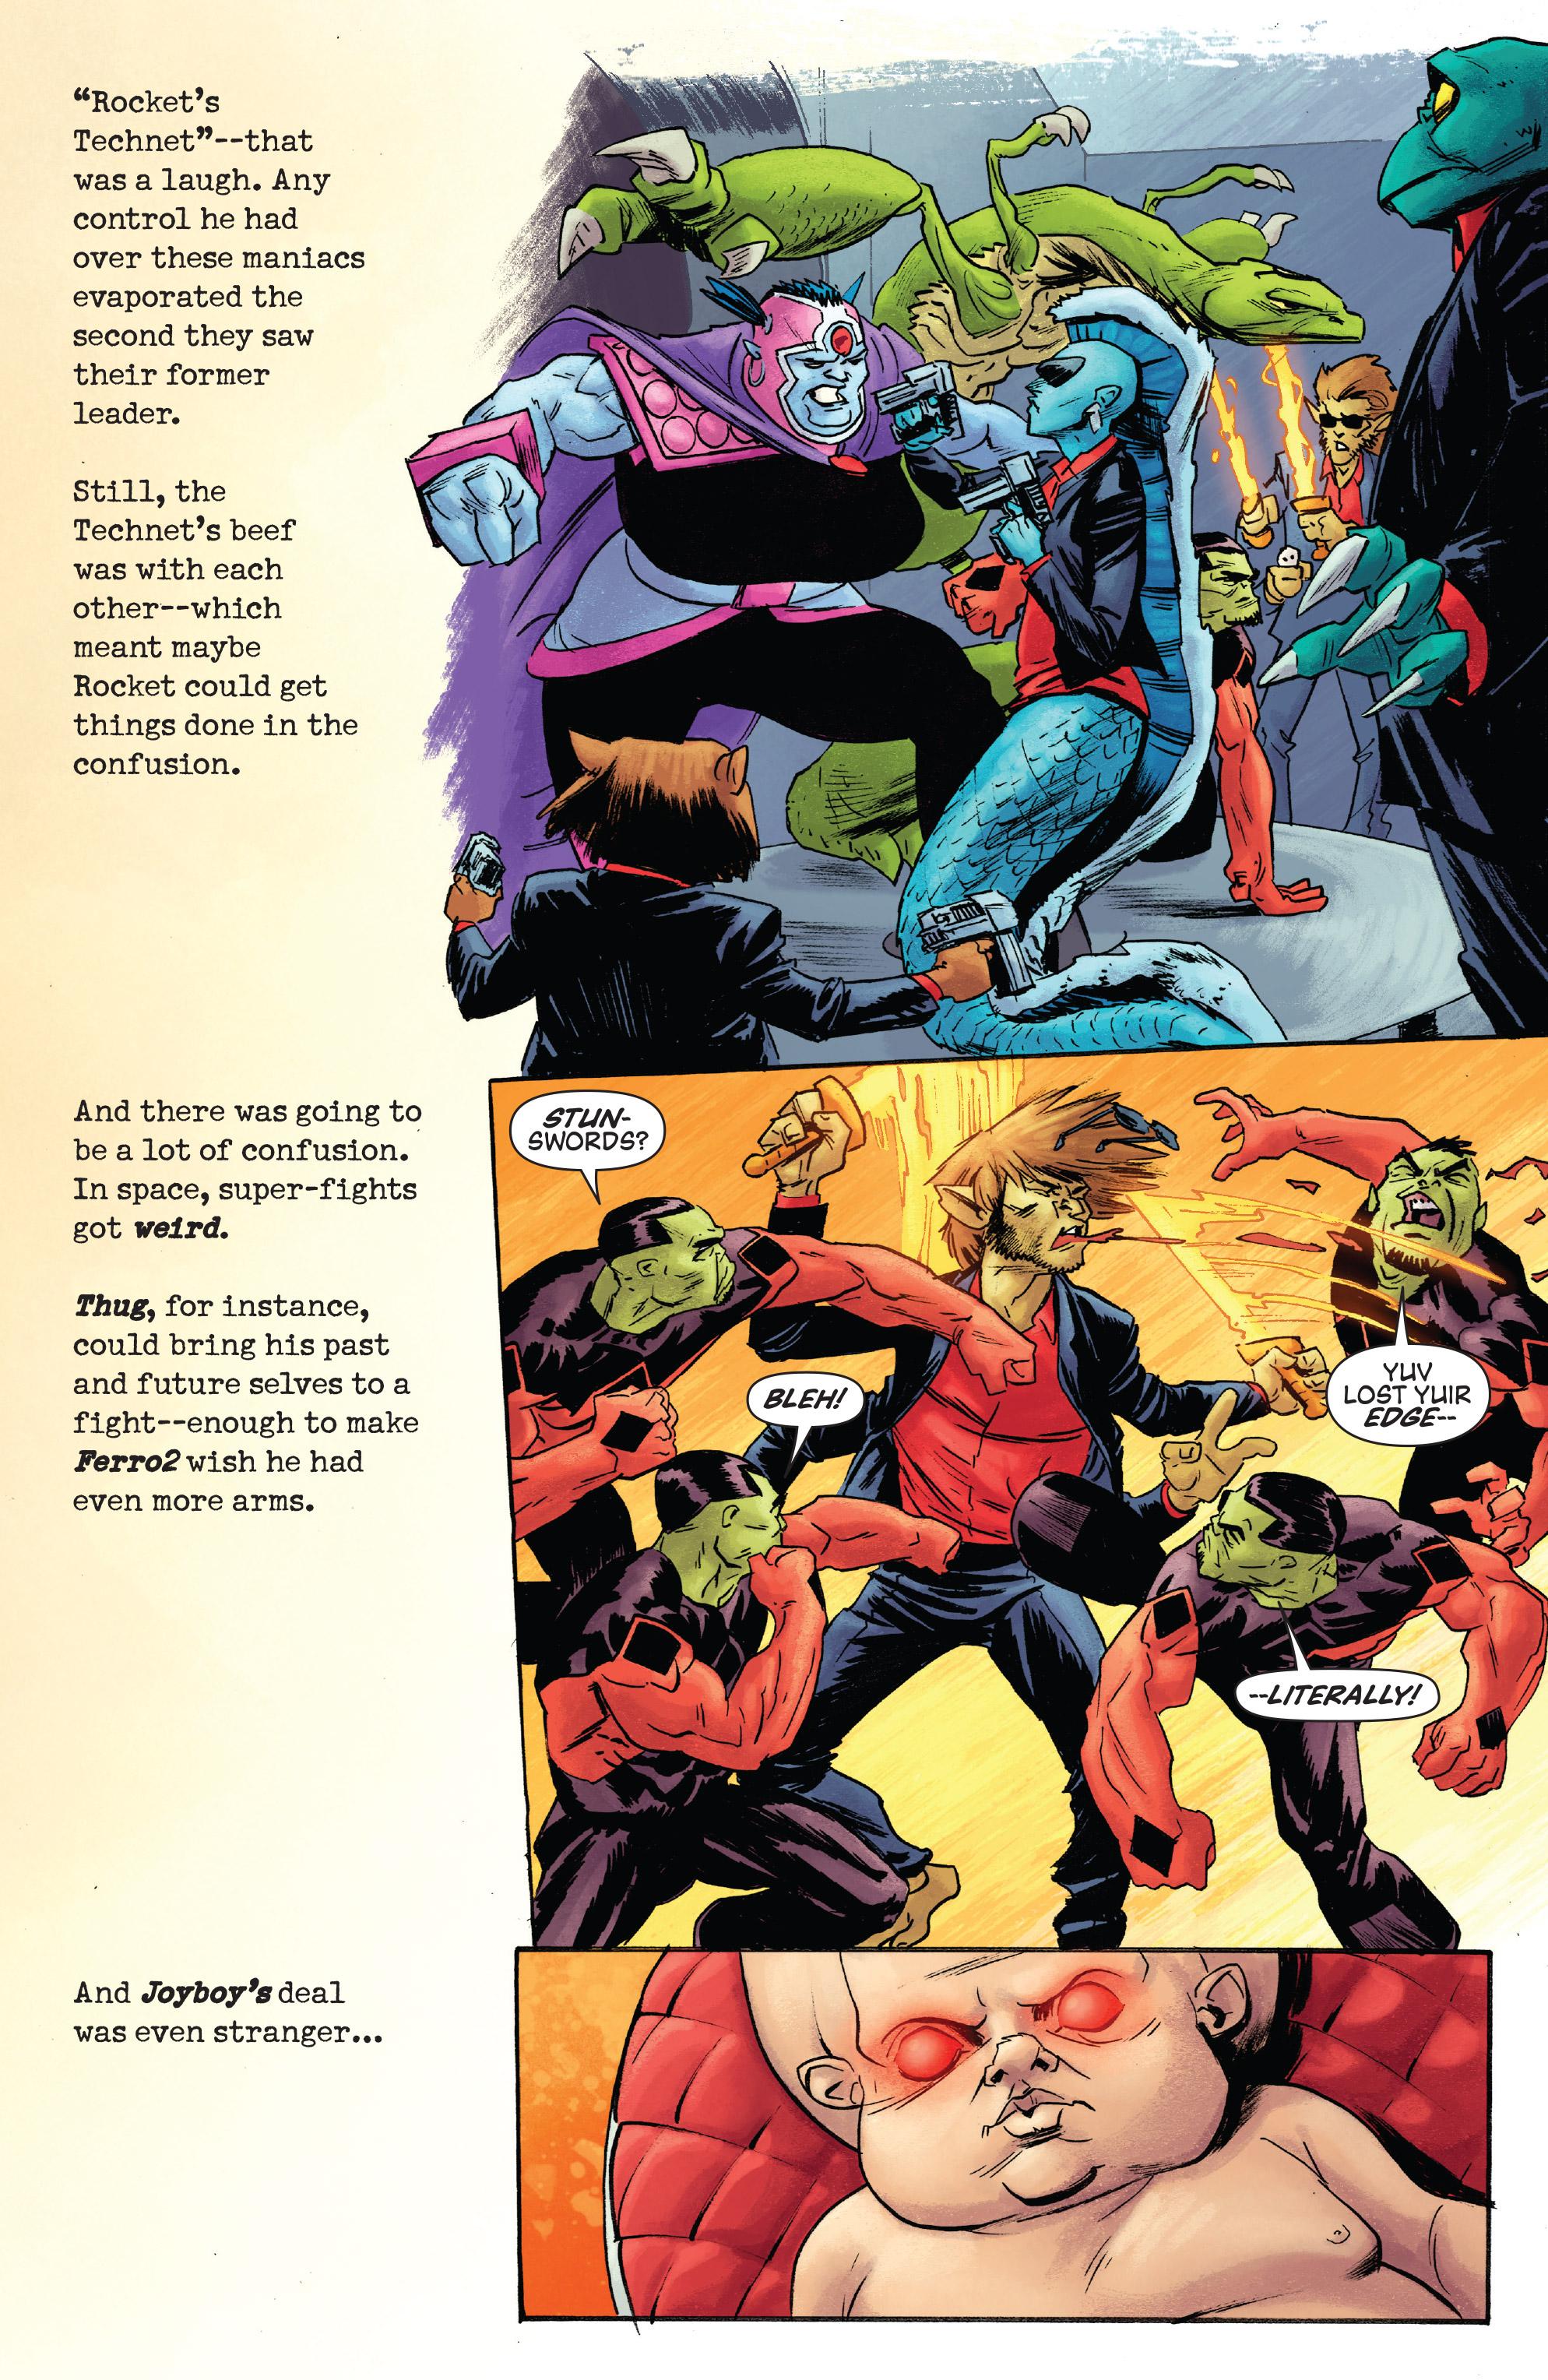 Read online Rocket comic -  Issue #2 - 6